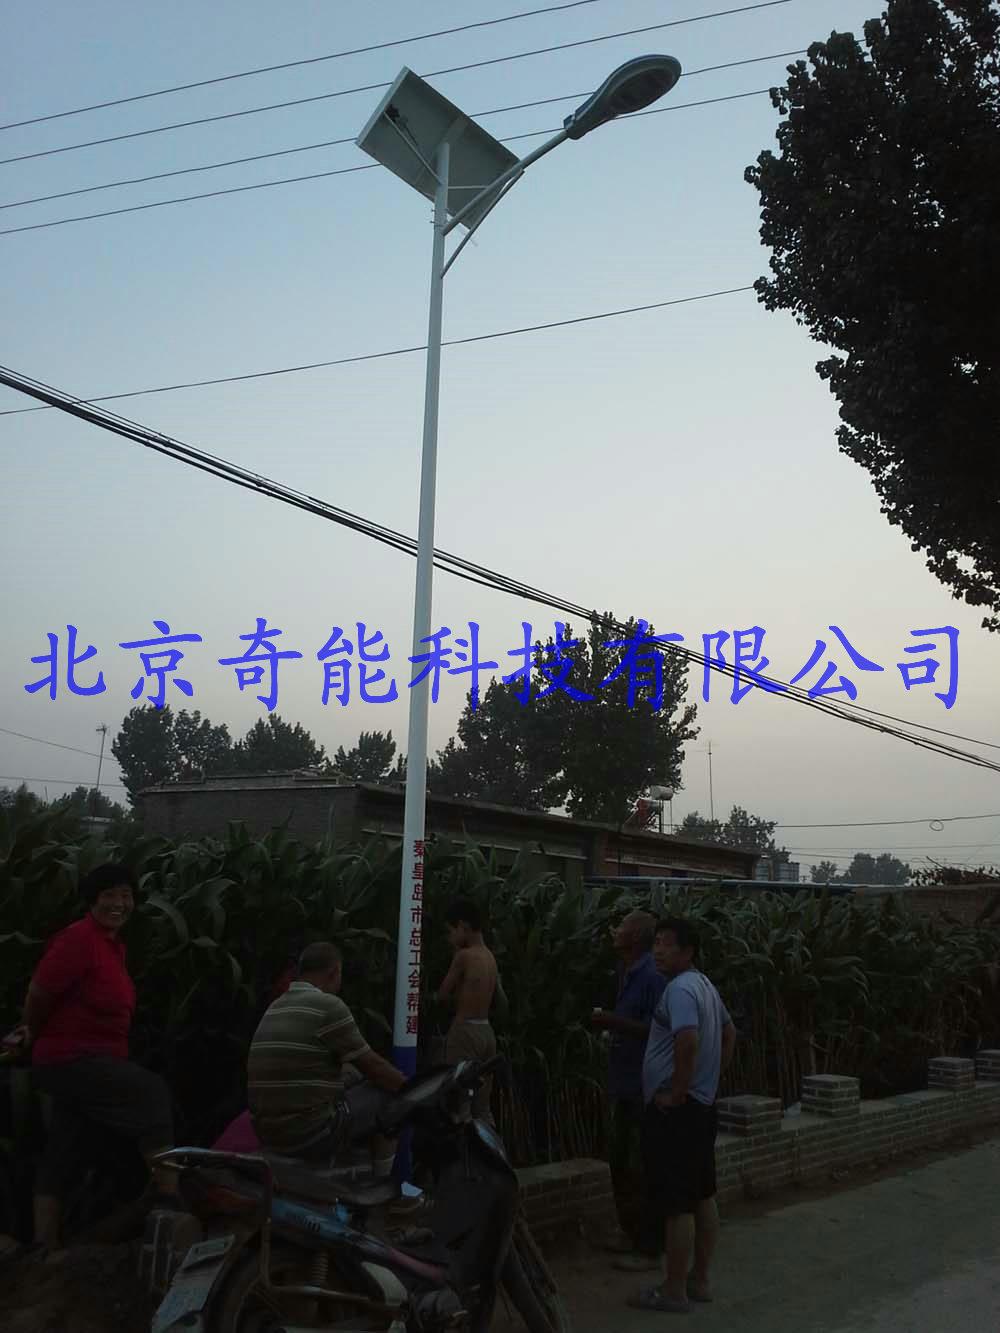 秦皇岛卢龙县侯各庄村太阳能路灯工程